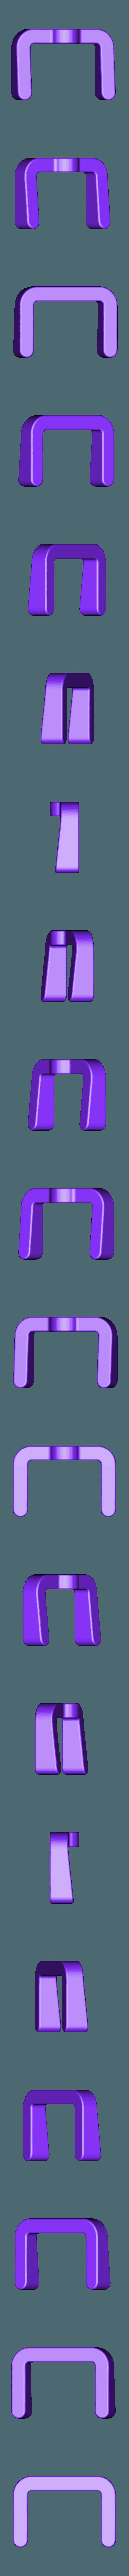 guitar-hook-tripod.stl Download free STL file MX MIDI Guitar • 3D print model, Adafruit